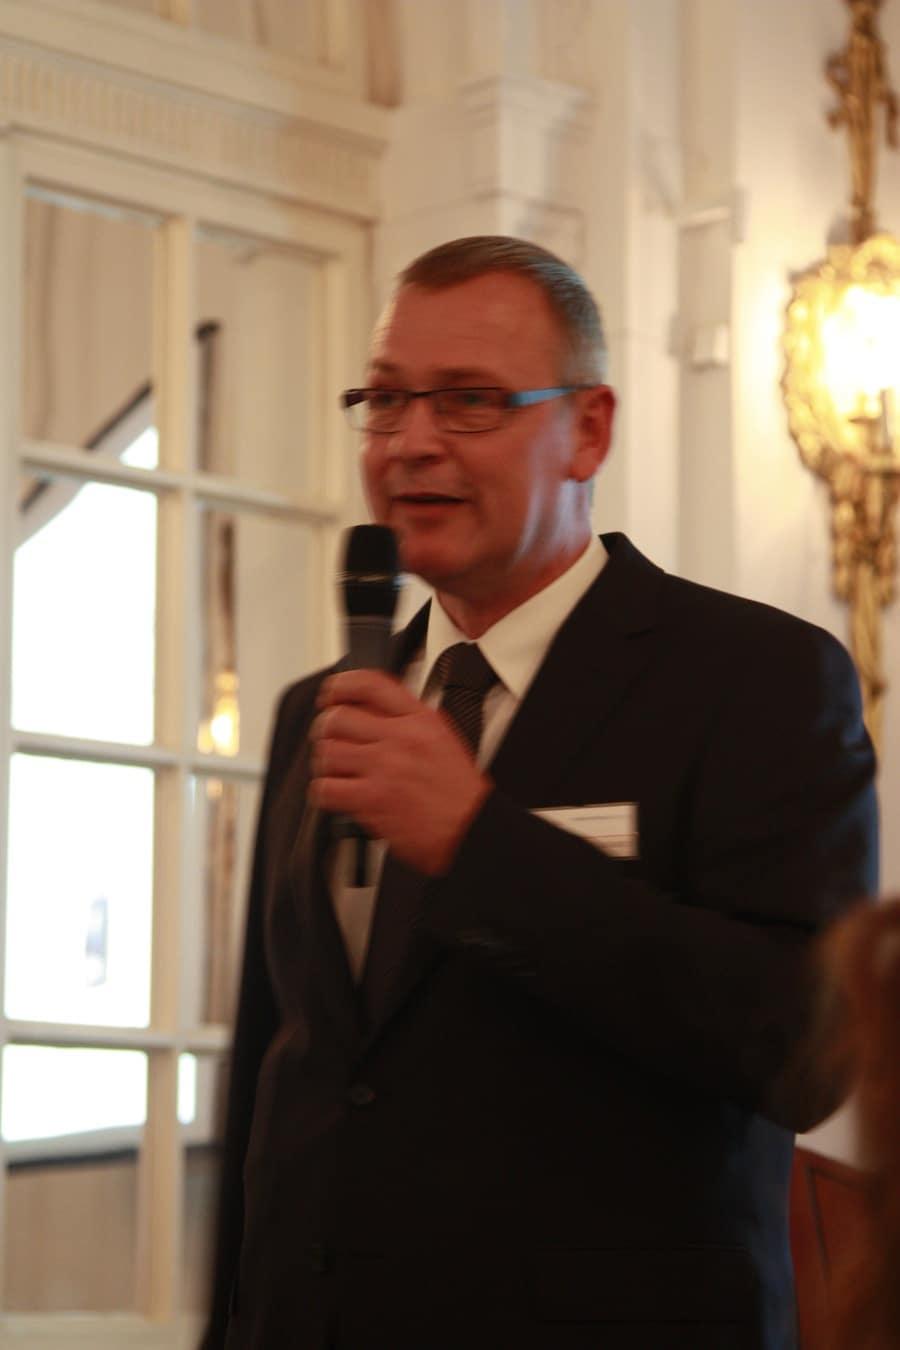 Jens Gerlach, Verlagsleiter Uhrenmedien, begrüßt die Gäste.